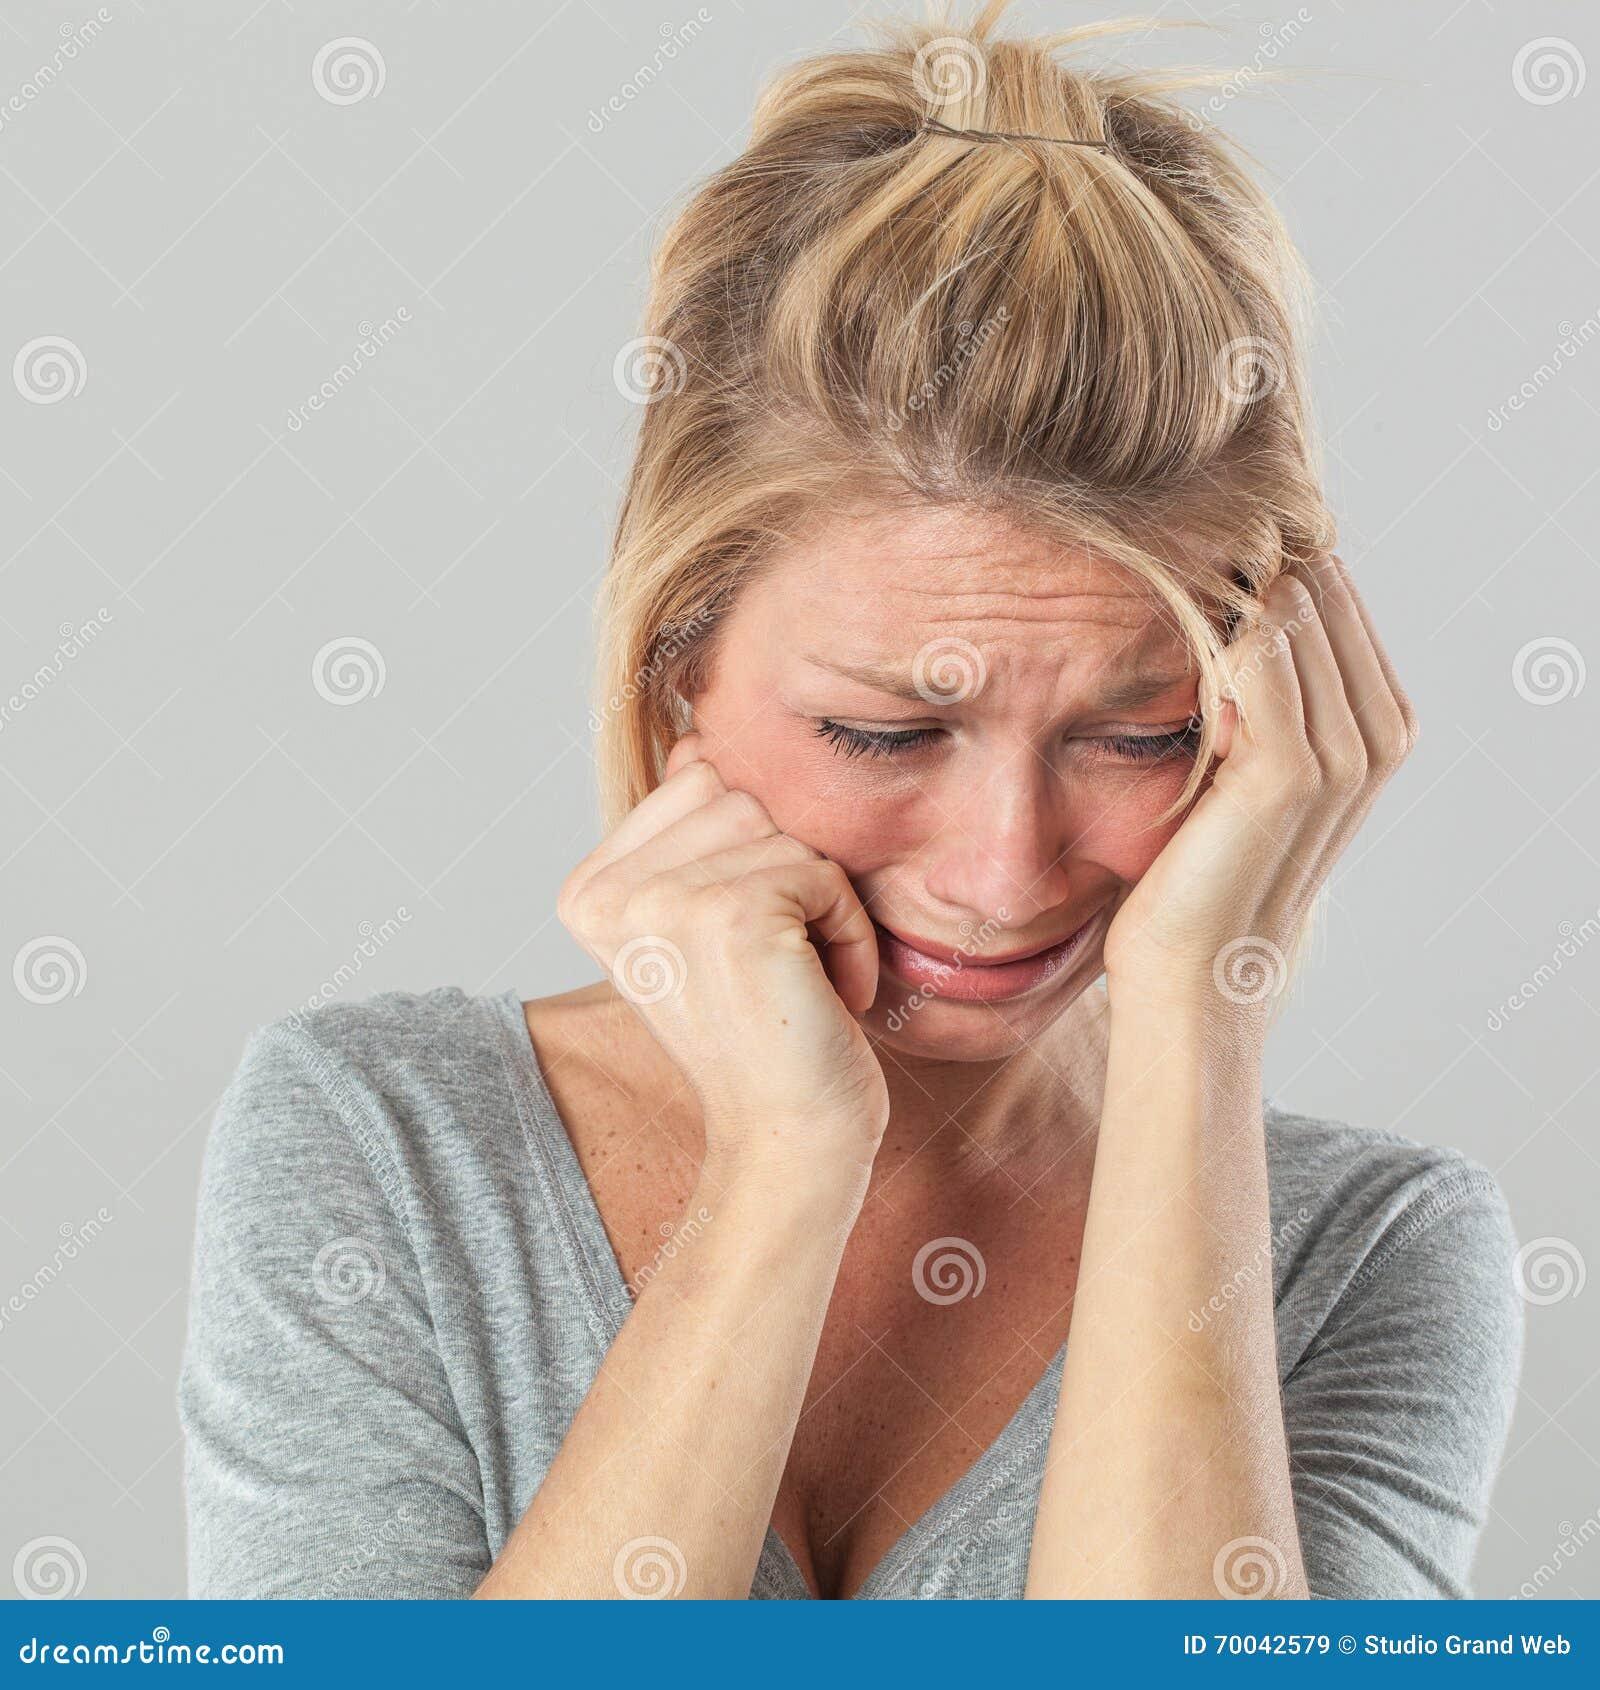 Mujer deprimida en el dolor que expresa pesar y tristeza